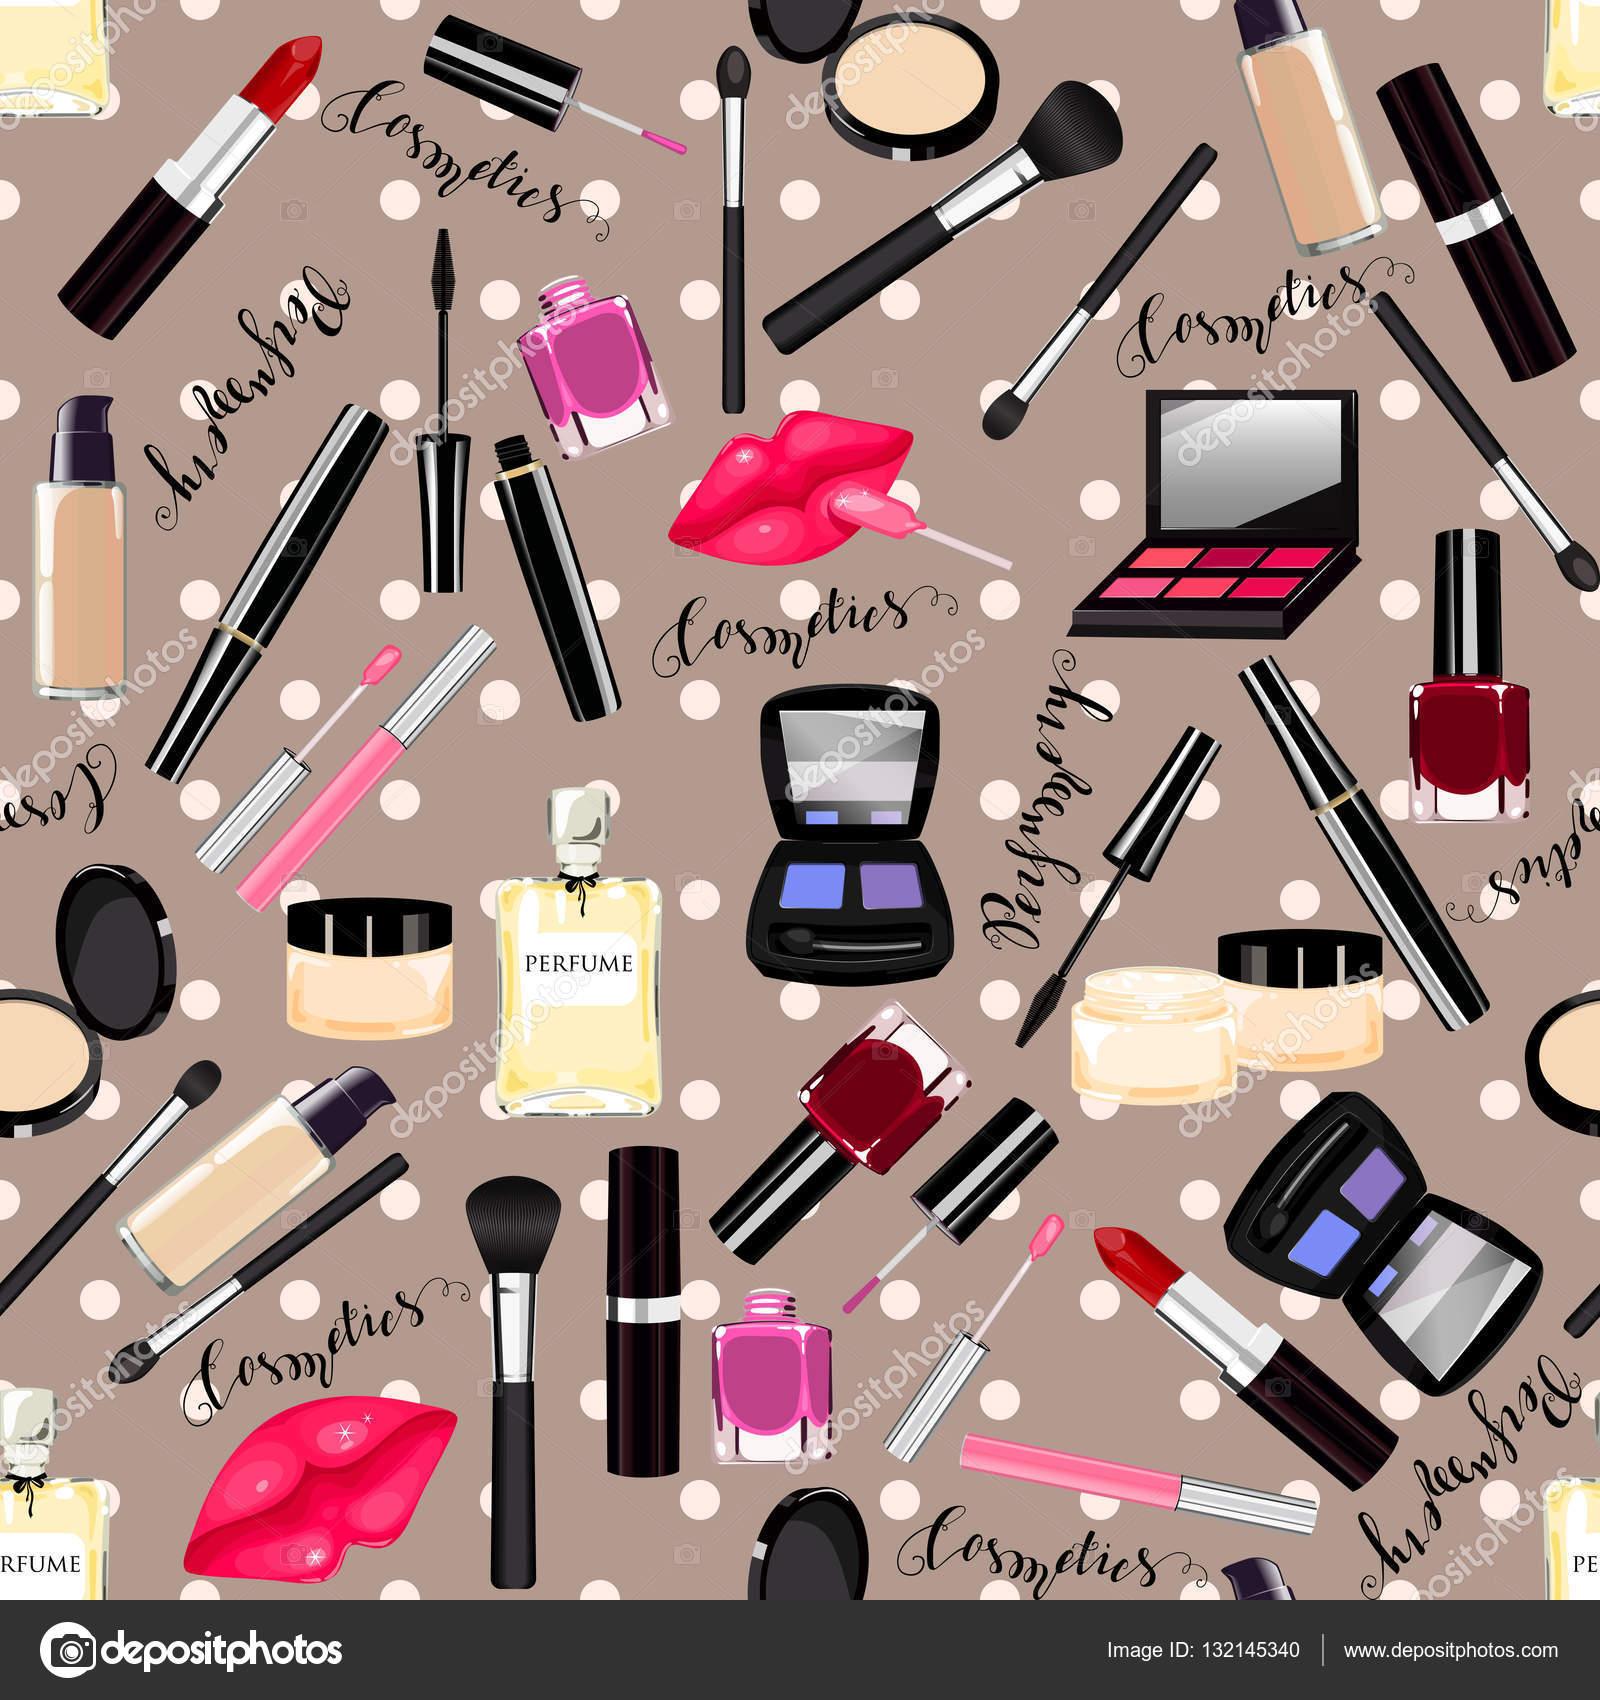 картинки косметики и парфюмерии для аватарки группы акварелью интернет-магазины, том